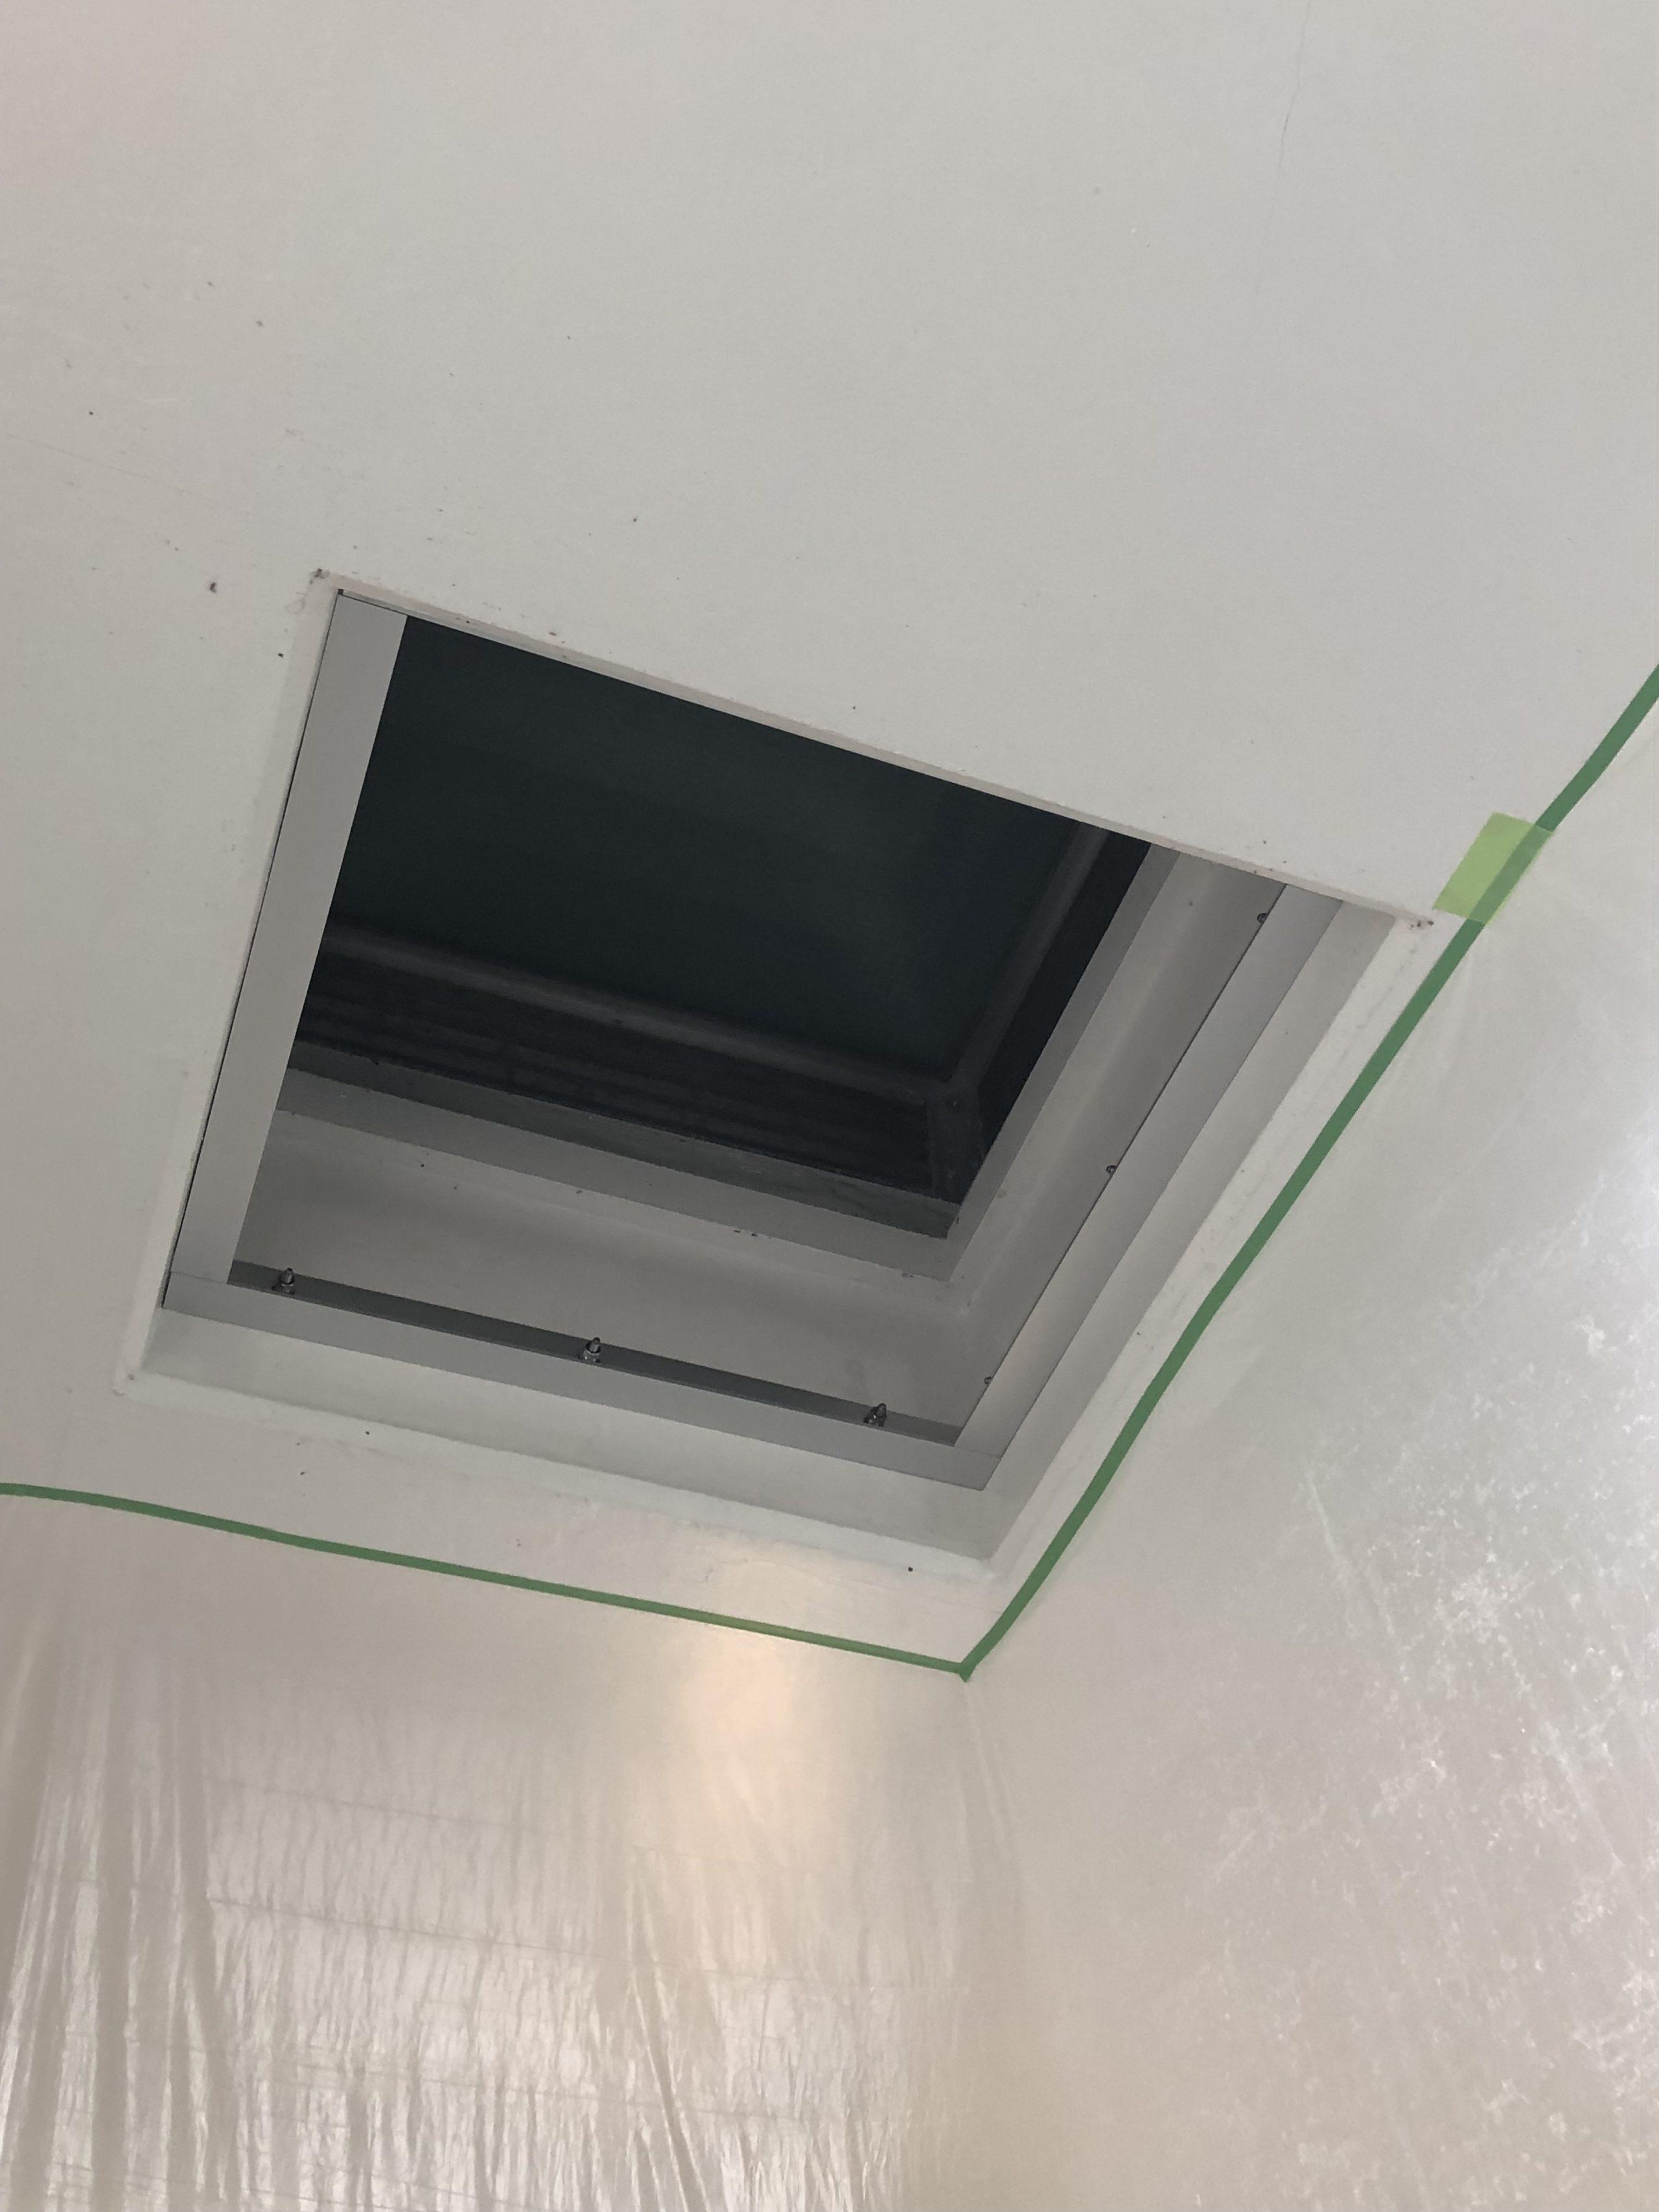 遮熱対策用下地を製作施工しました